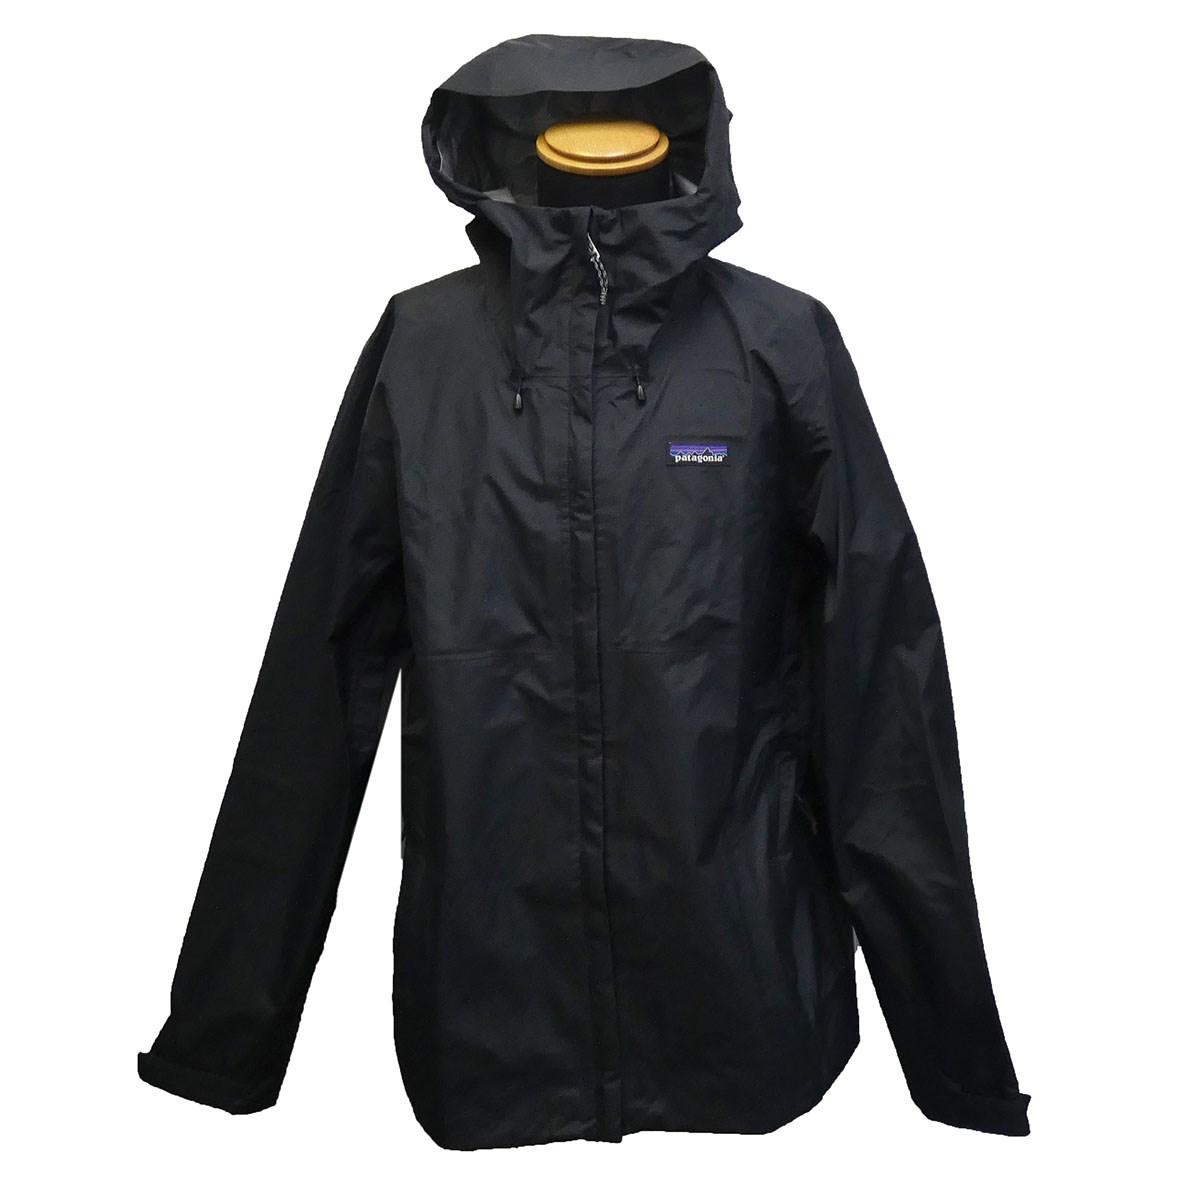 【中古】patagonia 20SS 「Torrent Shell 3L Jacket」トレントシェルジャケット ブラック サイズ:M 【100520】(パタゴニア)